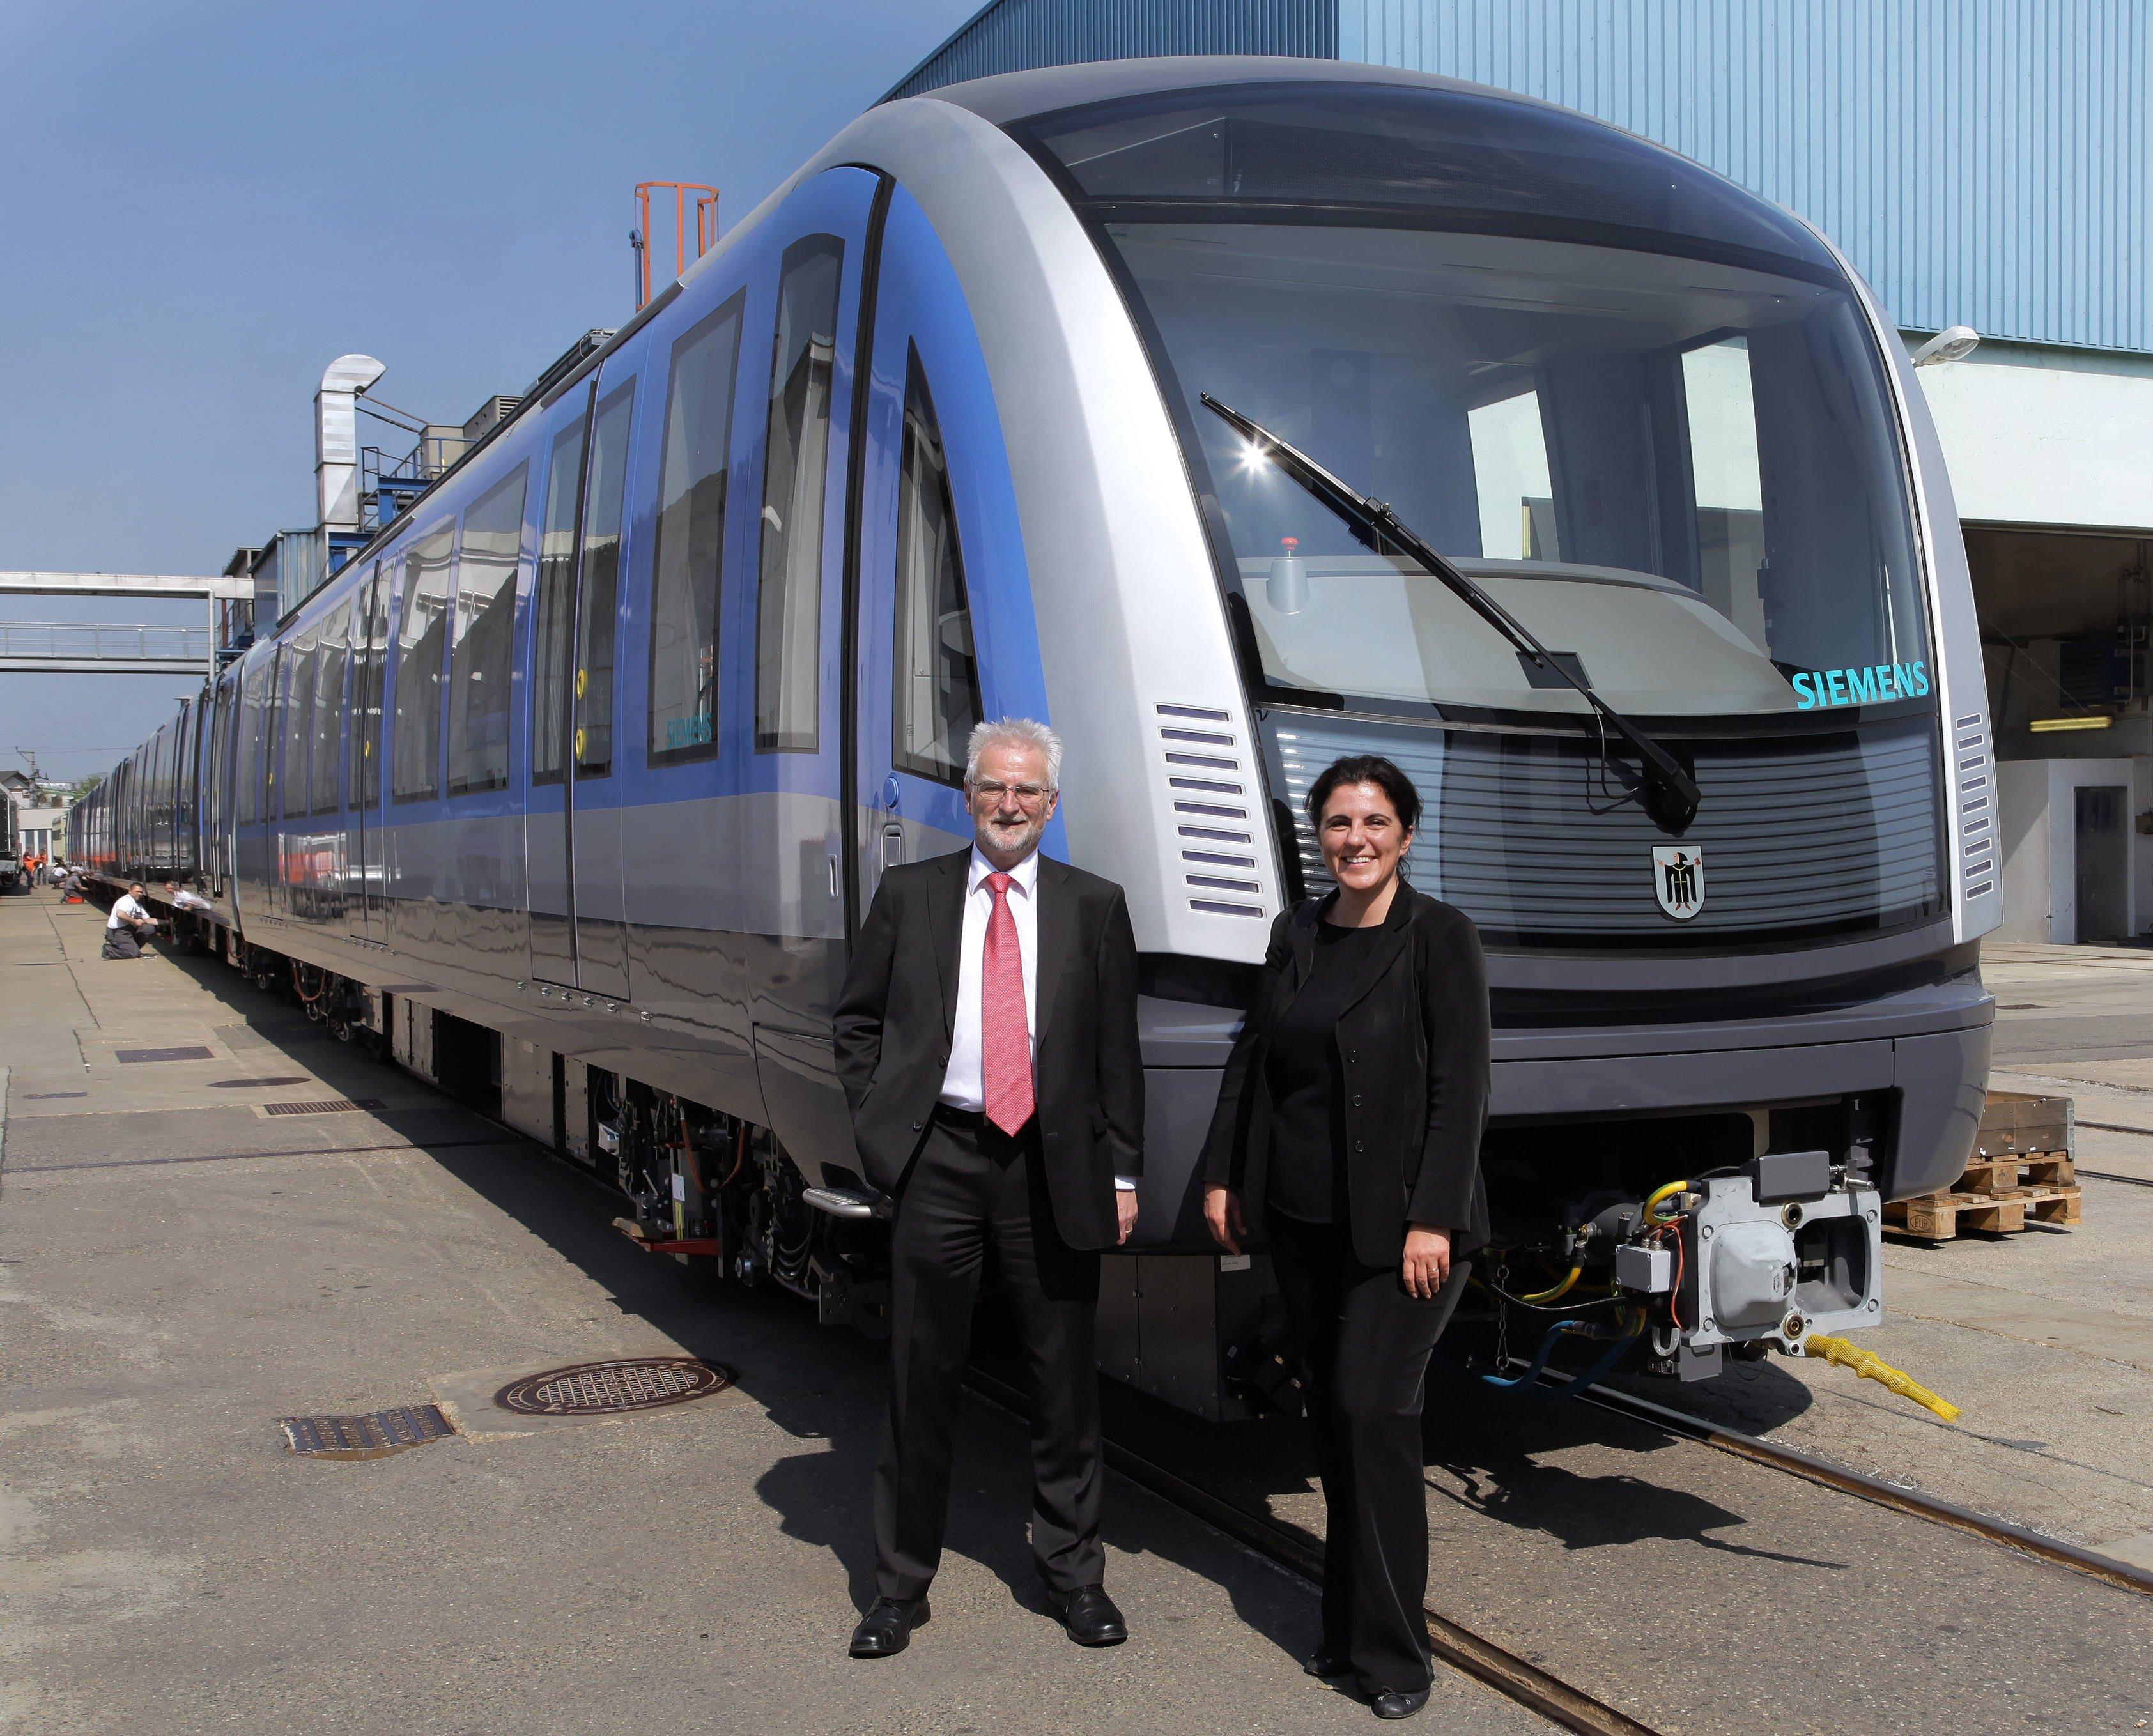 Im April 2013 hat der erste Zug der neuen Münchner U-Bahn im Beisein von MVG-Geschäftsführer Herbert König und Sandra Gott-Karlbauer, CEO Siemens Urban Transport, das Produktionswerk in Wien verlassen. Der Zug wurde ins Prüf- und Validationcenter Wegberg-Wildenrath gebracht, um dort ein umfangreiches Testprogramm zu absolvieren. Die Auslieferung der ersten Züge an die Münchner Verkehrsgesellschaft (MVG) ist noch für dieses Jahr vorgesehen.